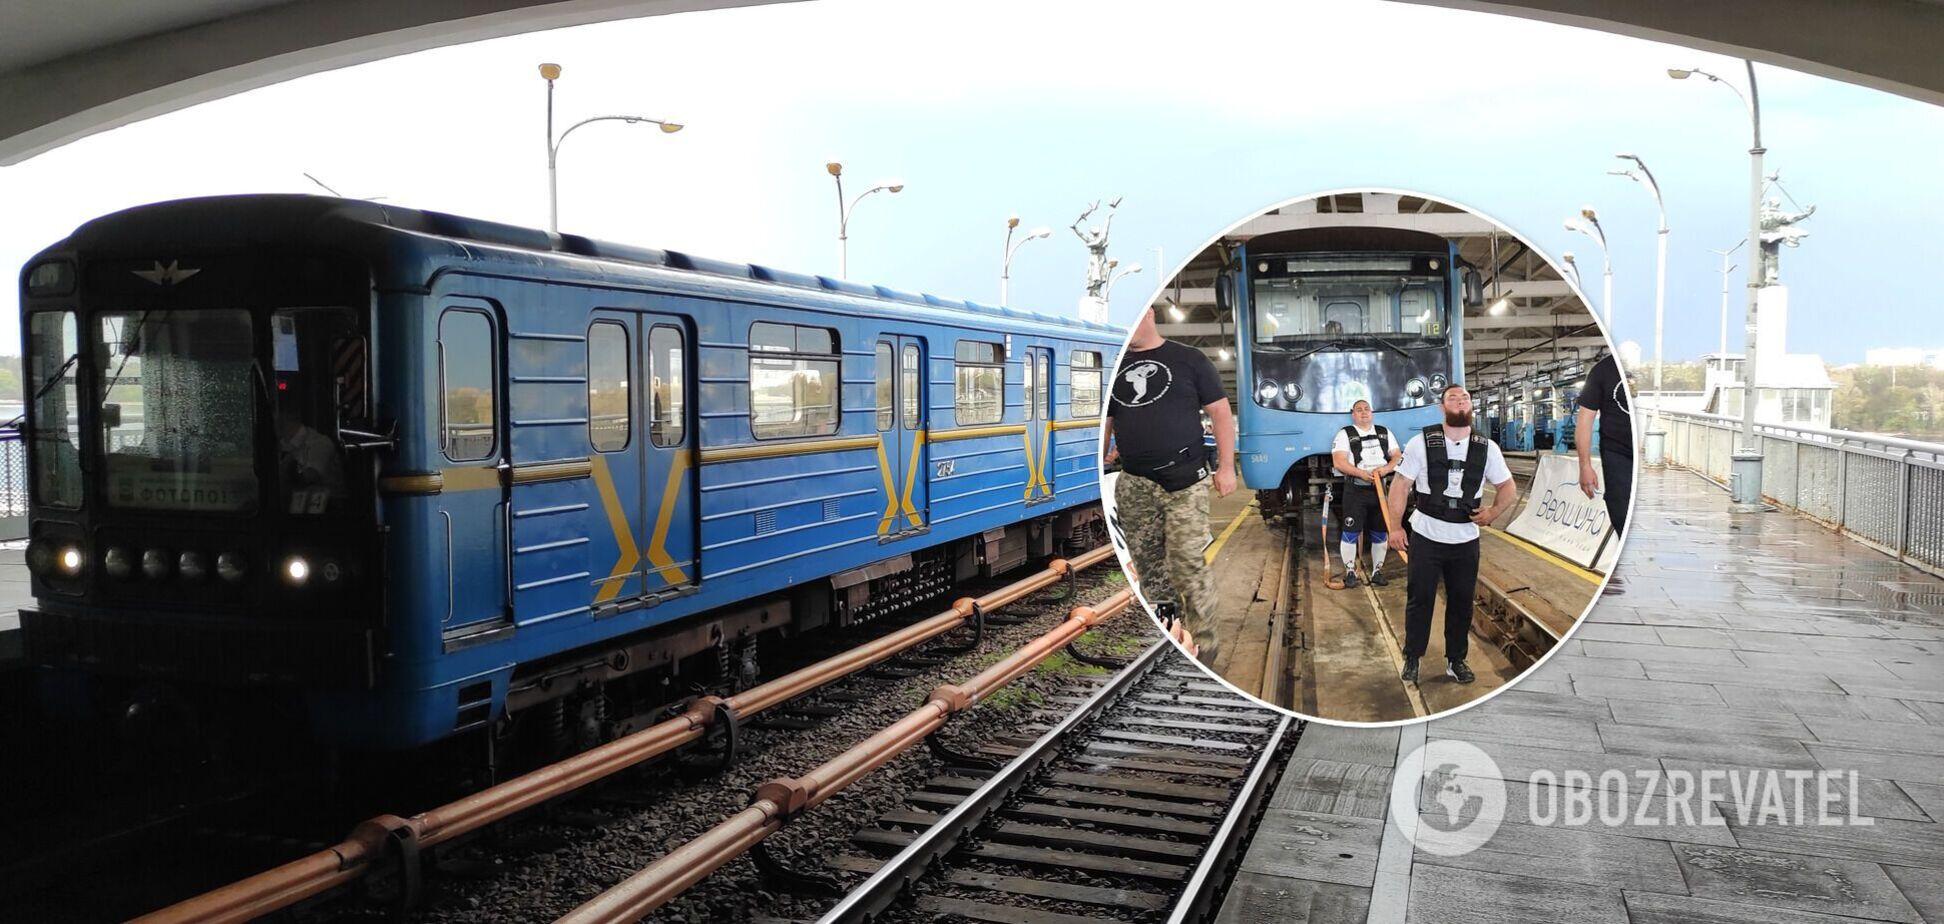 Событие произошло в депо Дарница